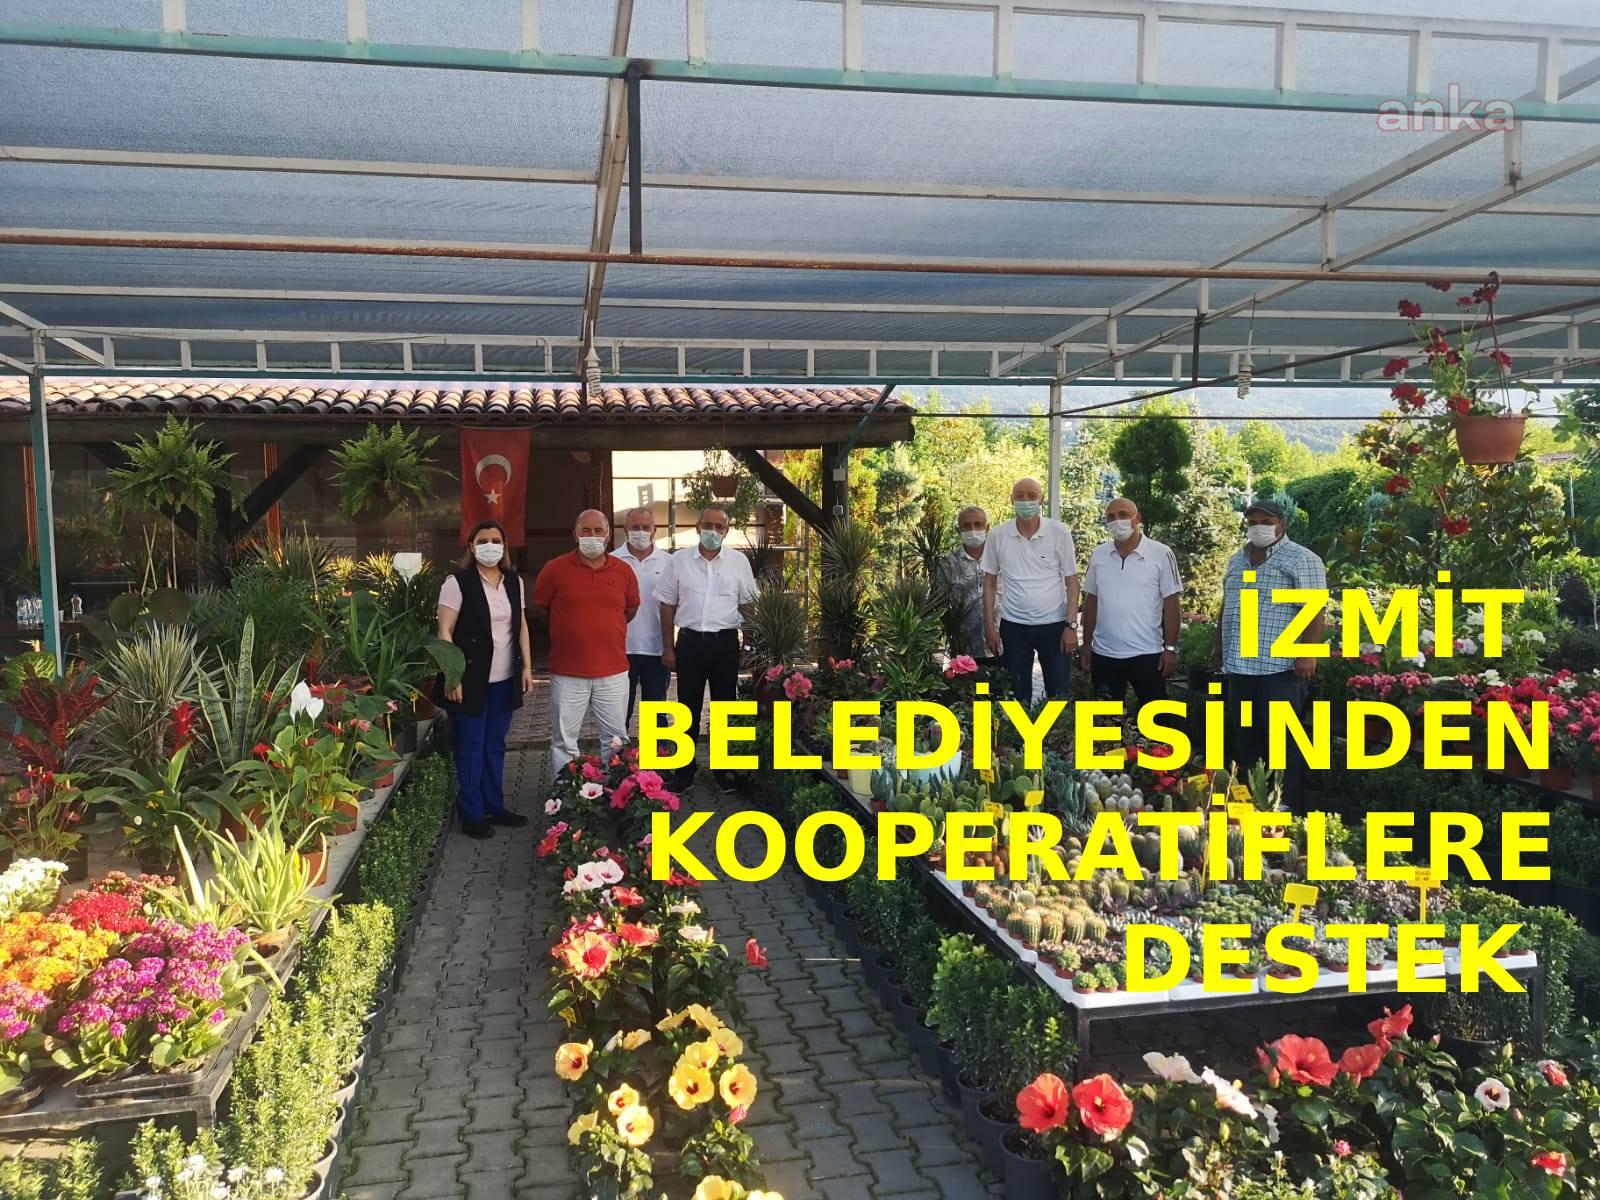 İzmit Belediyesi'nden kooperatiflere destek